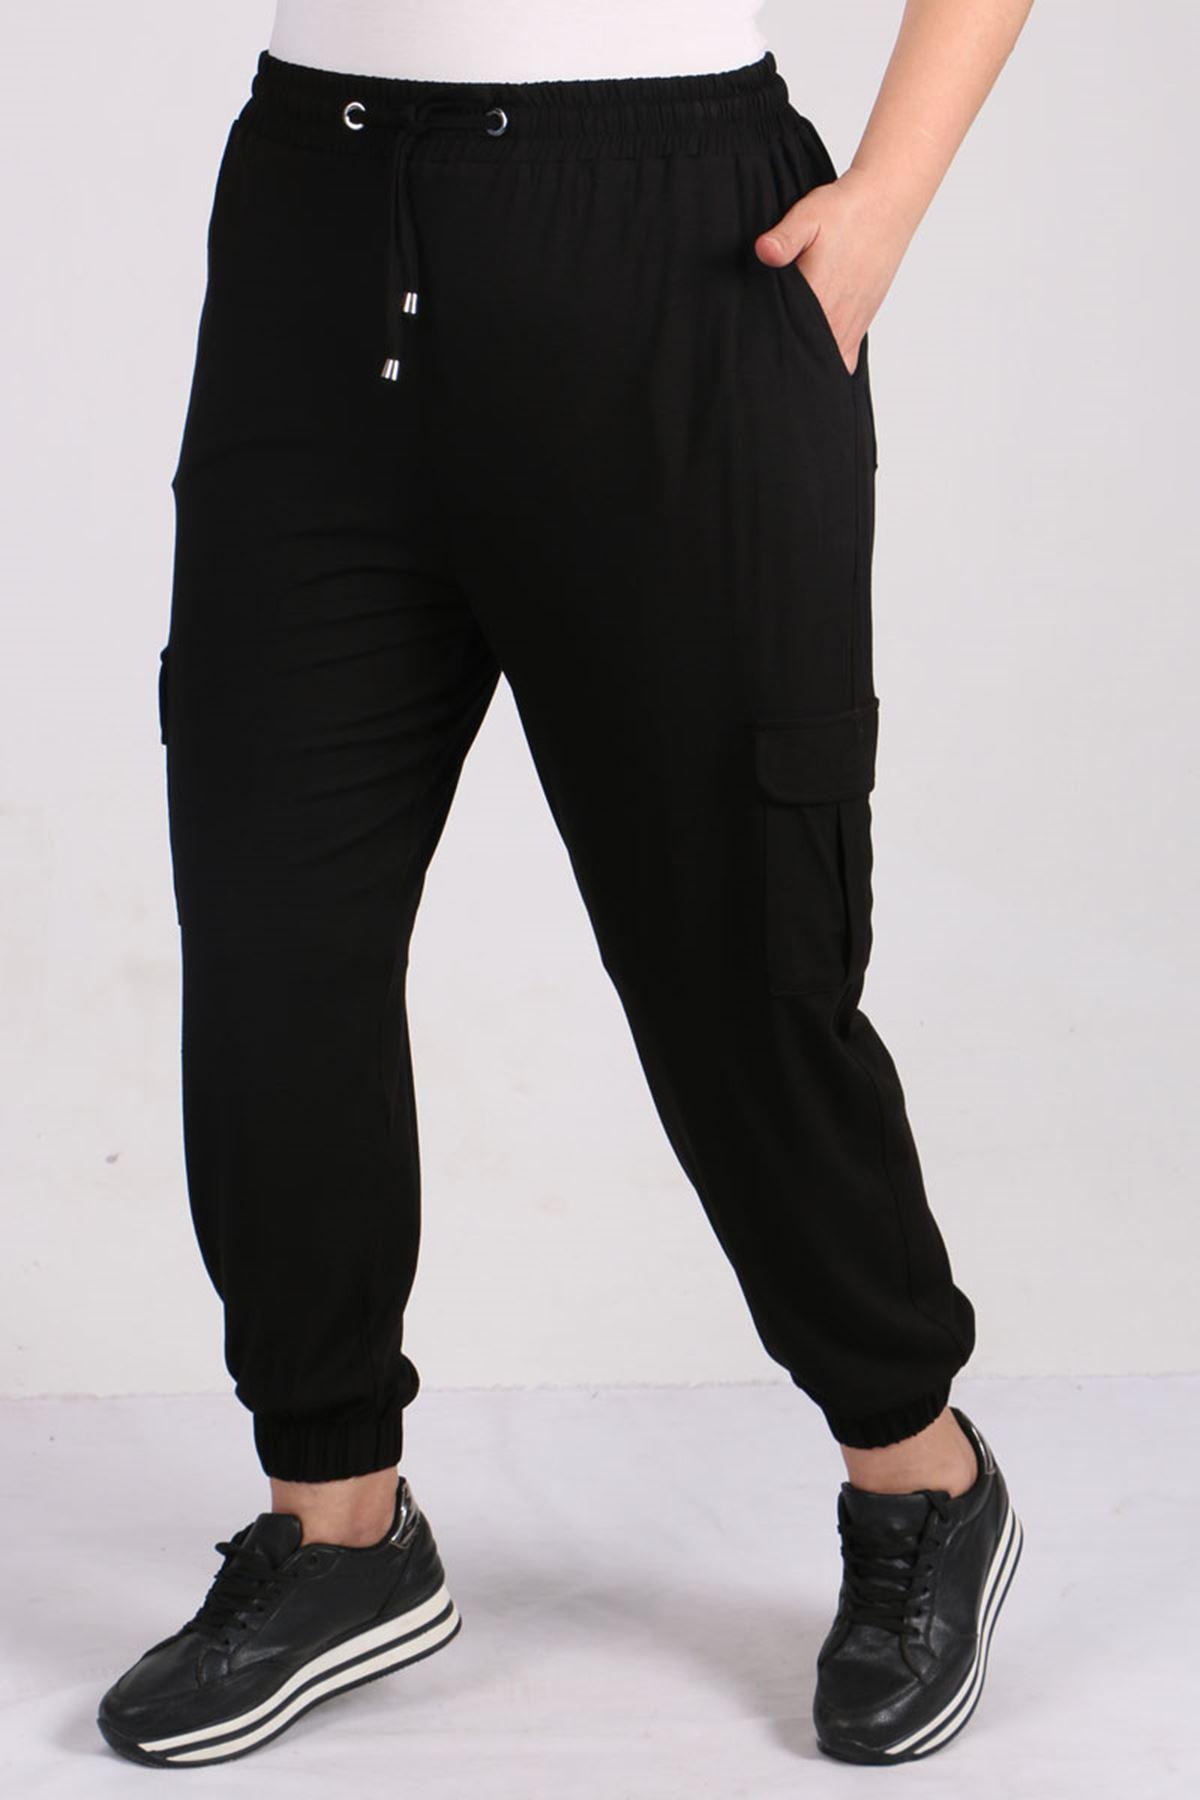 9150 Büyük Beden Lastikli Penye Pantolon - Siyah